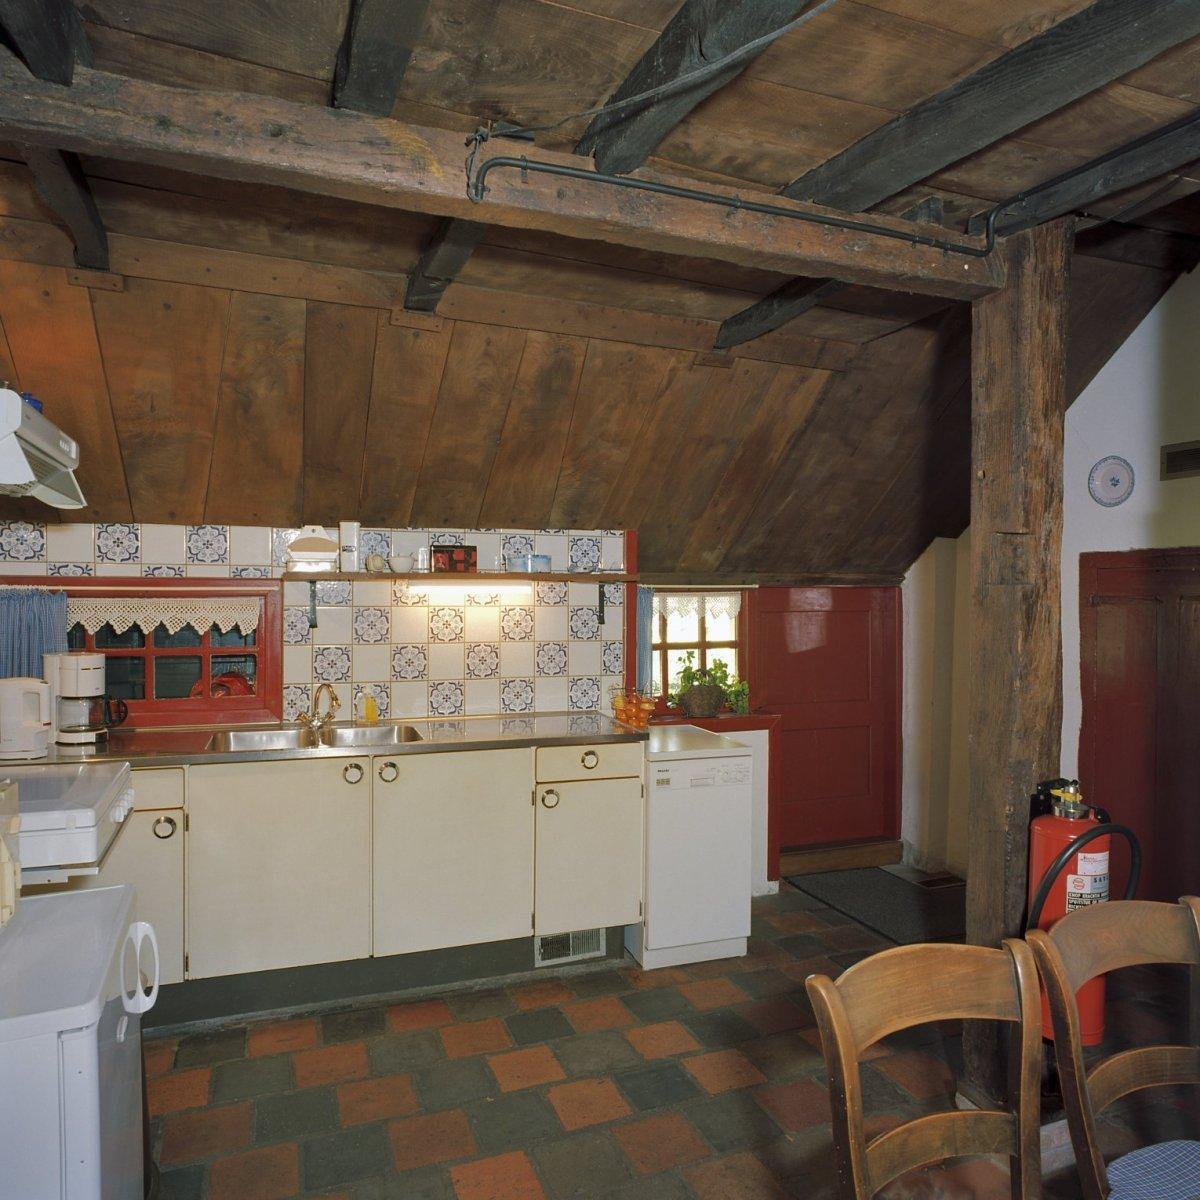 File Interieur, gedeelte van keuken met houten balken   Schoonebeek   20376087   RCE jpg